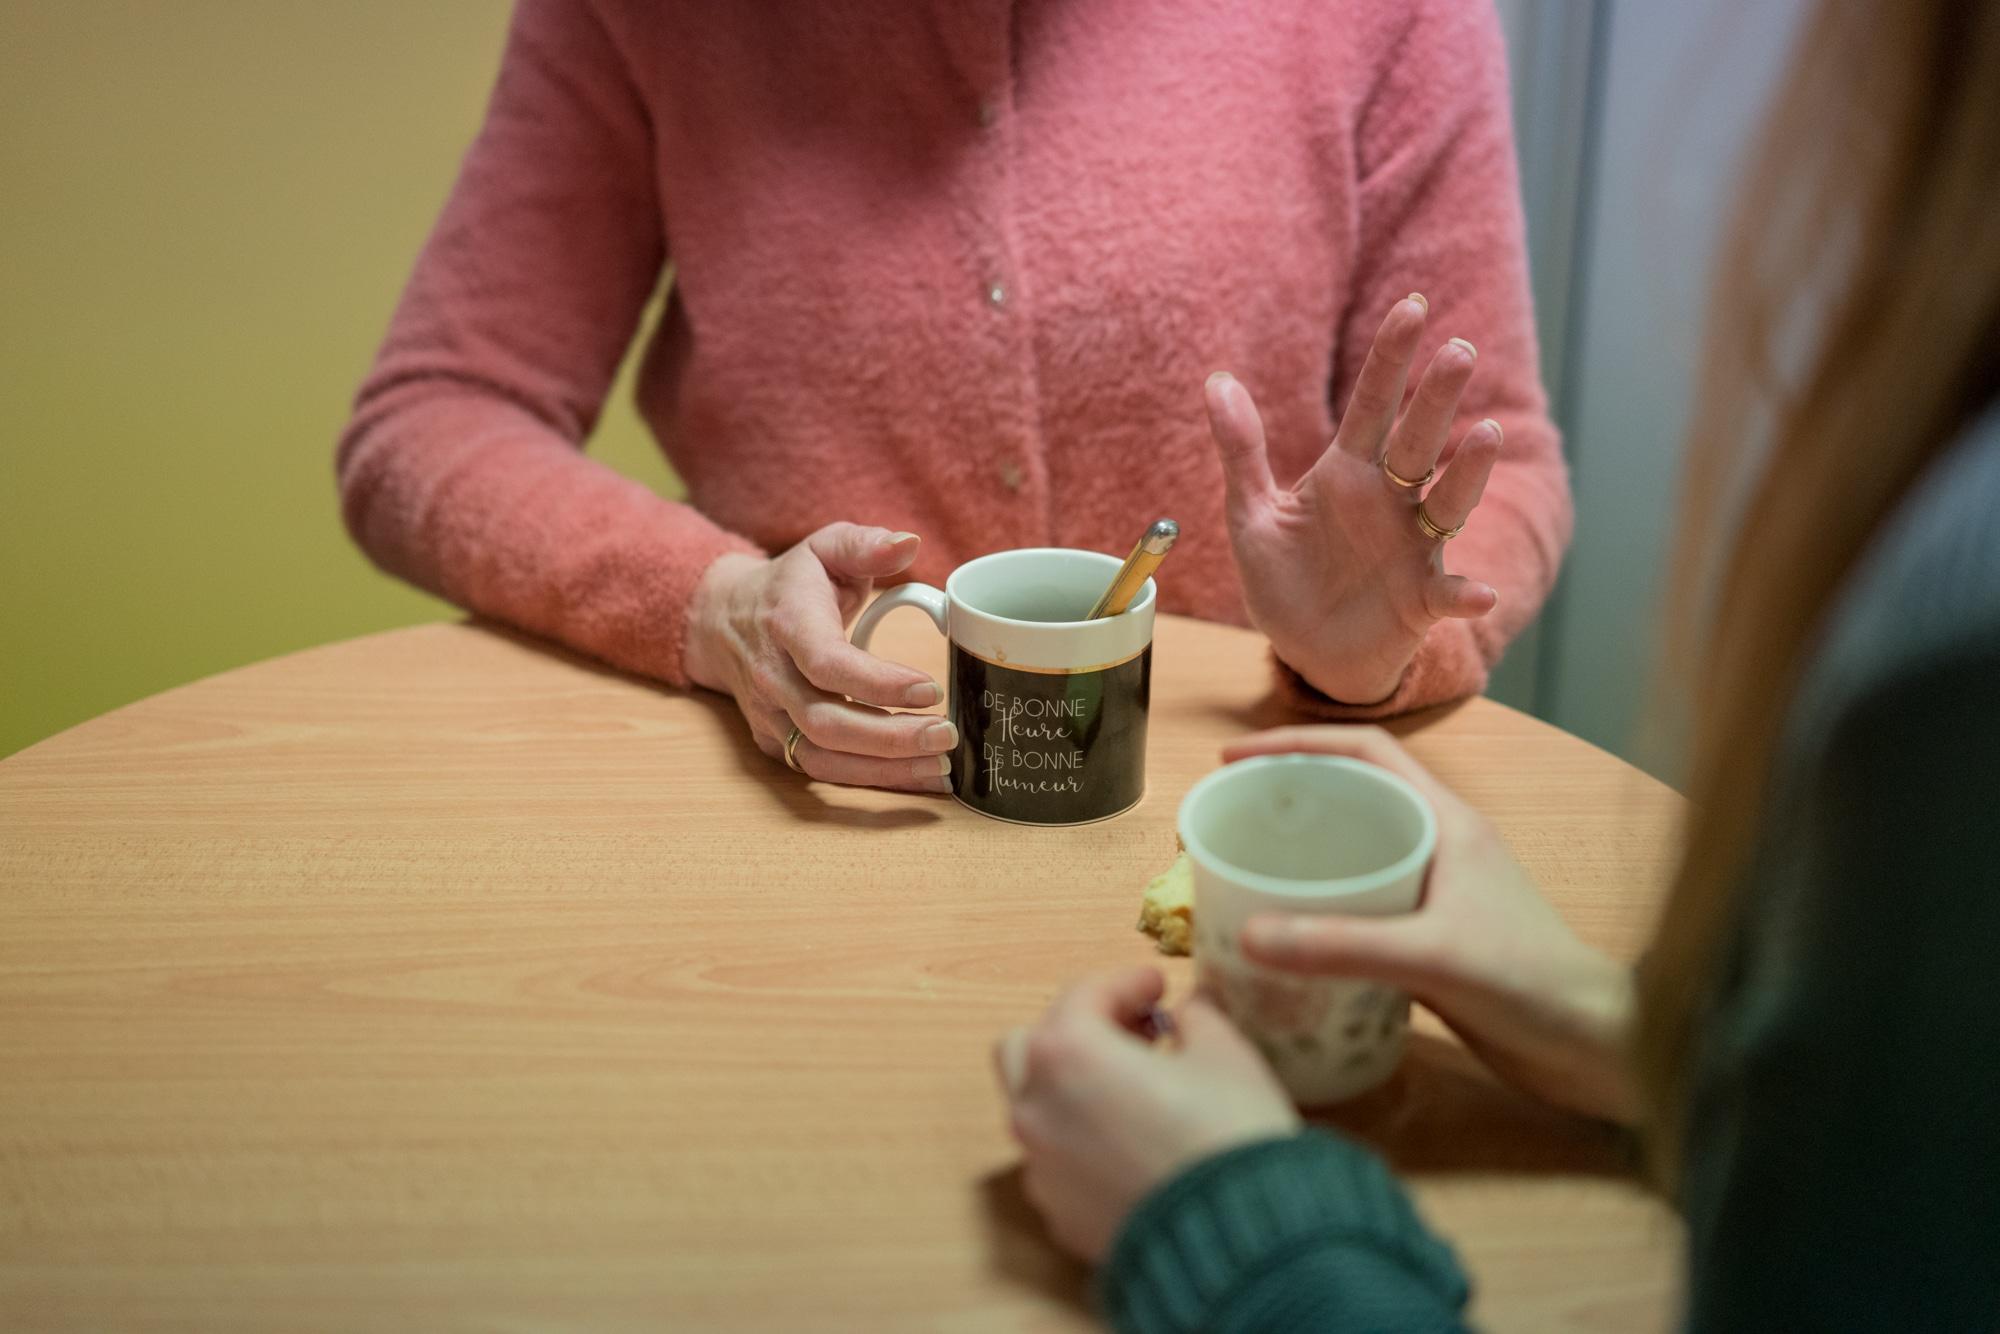 """Plan rapproché présentant les mains de Patricia et d'une collègue autour de deux tasses de café. Sur celle de Patricia on peut lire """"De bonne heure, de bonne humeur"""""""